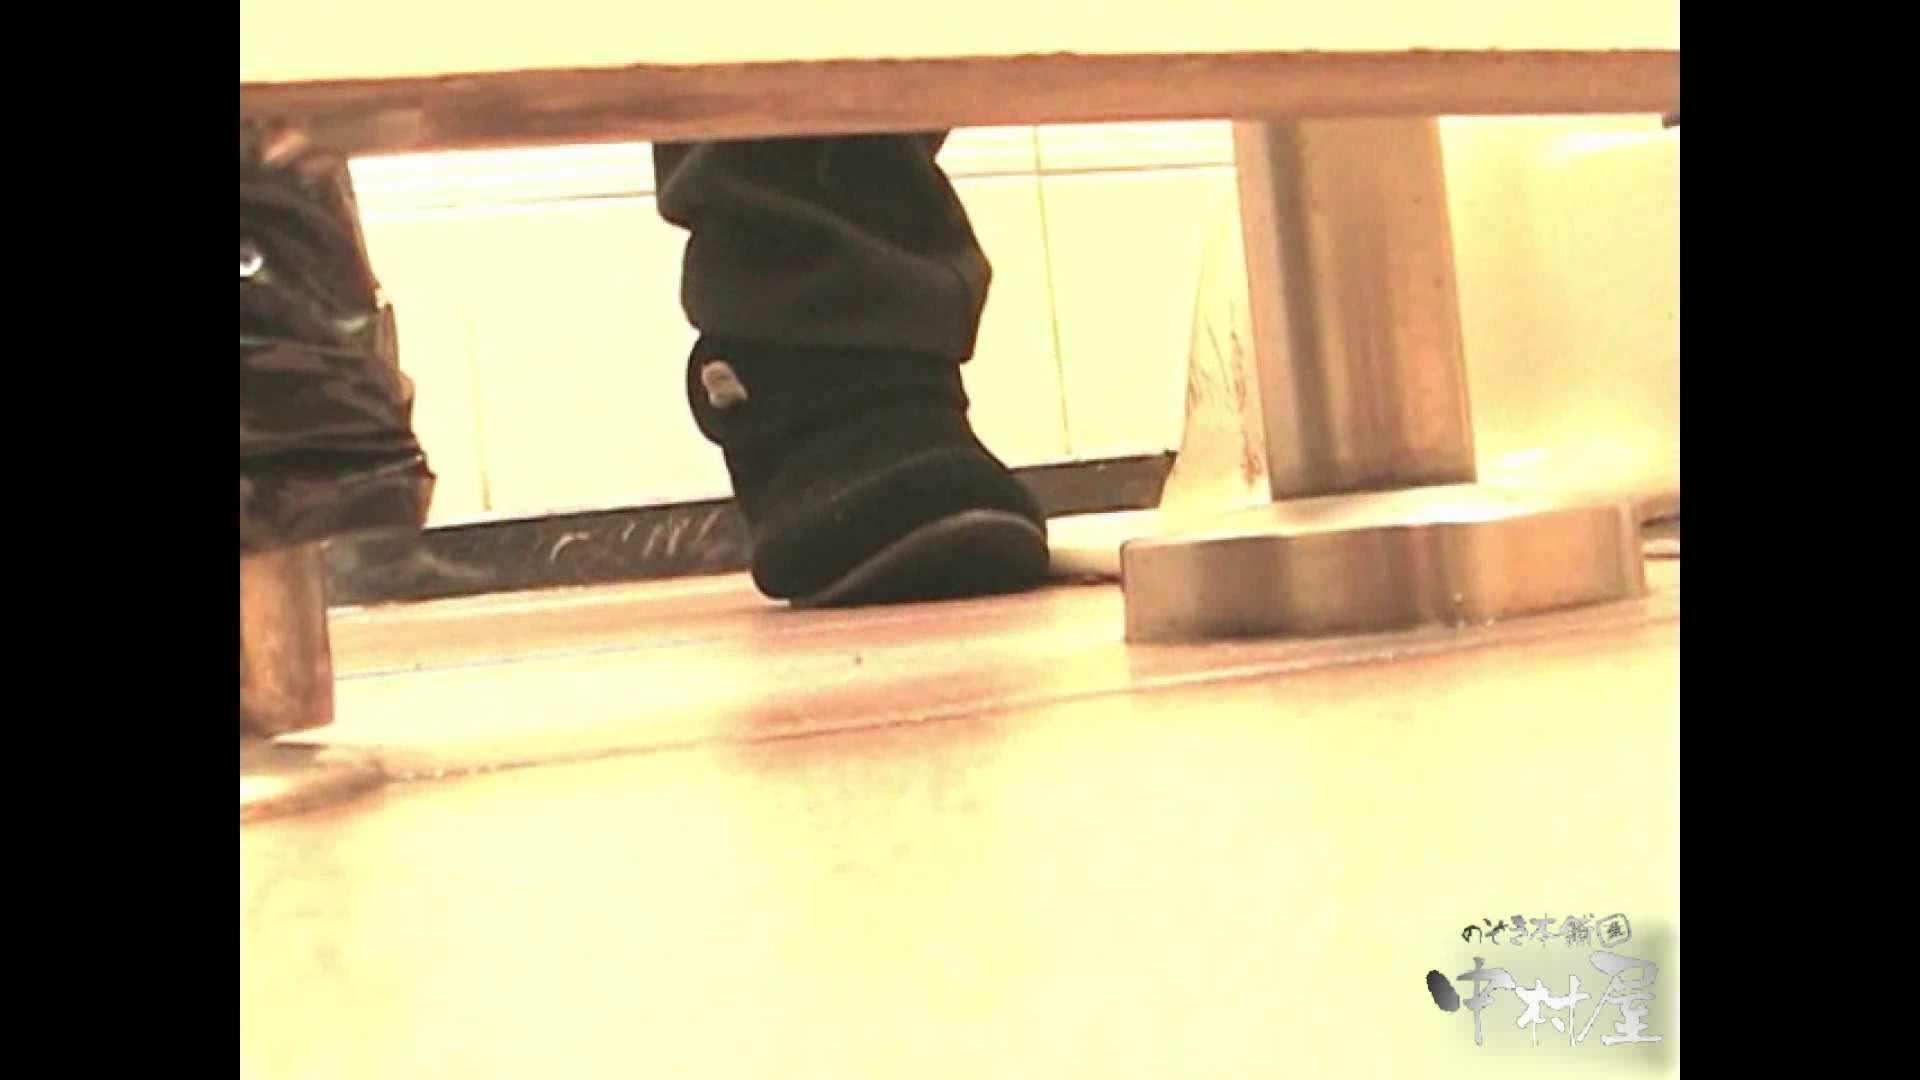 岩手県在住盗撮師盗撮記録vol.02 排泄編 オマンコ動画キャプチャ 108PIX 34